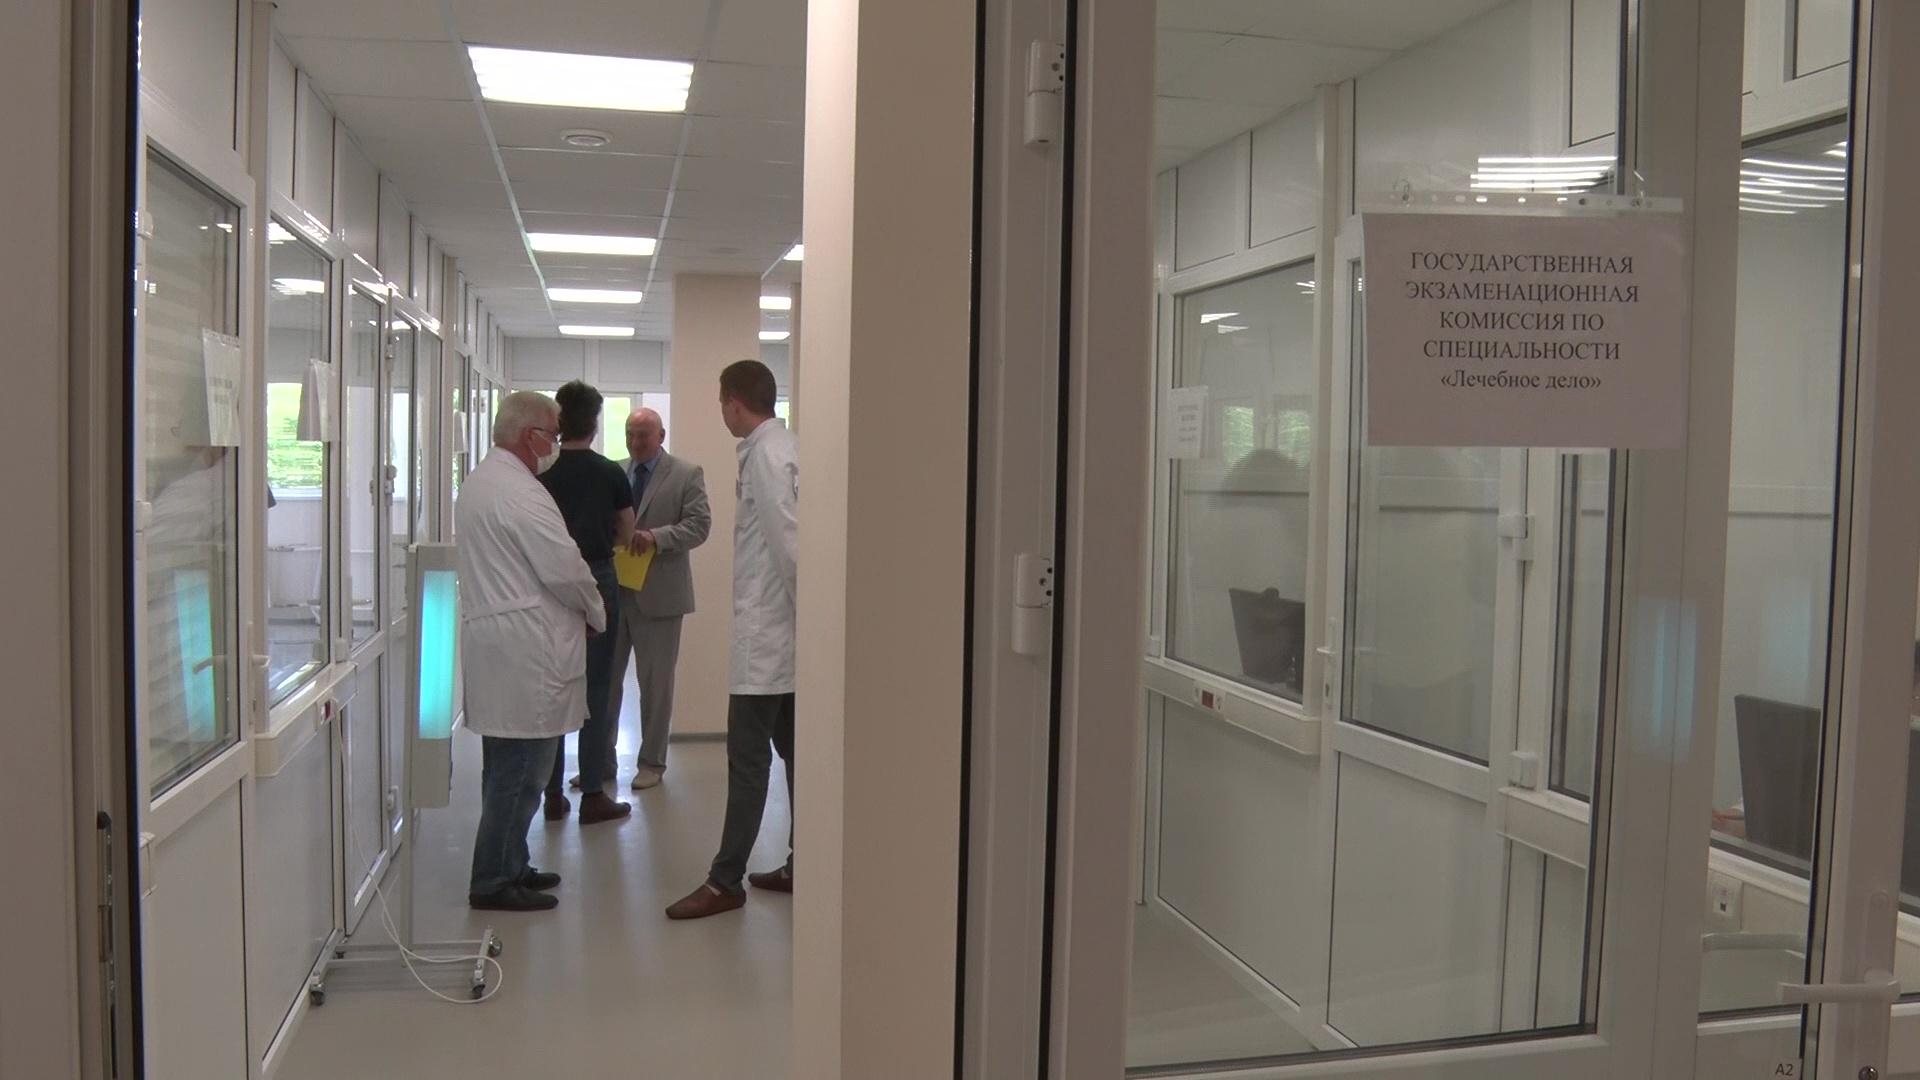 Выпускники ЯГМУ из-за коронавируса сдают госы в дистанционном формате